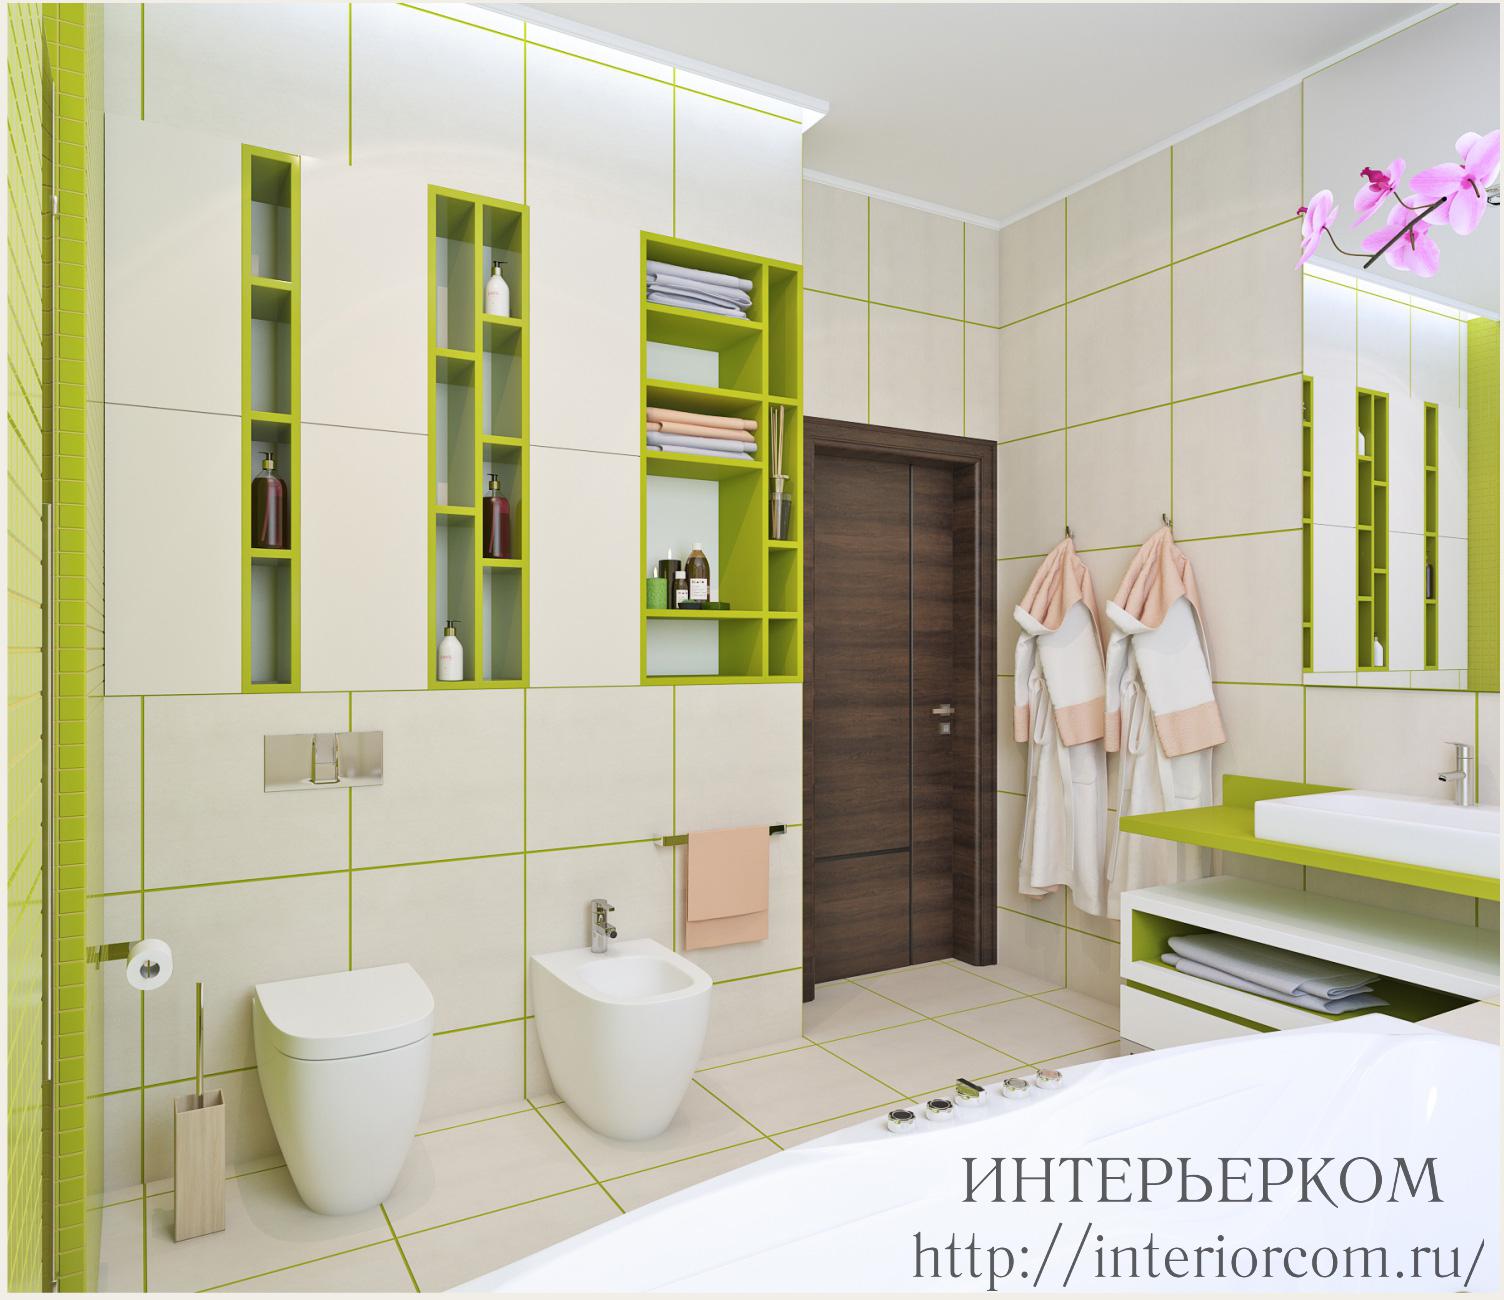 Плитка фиджи дизайн туалета